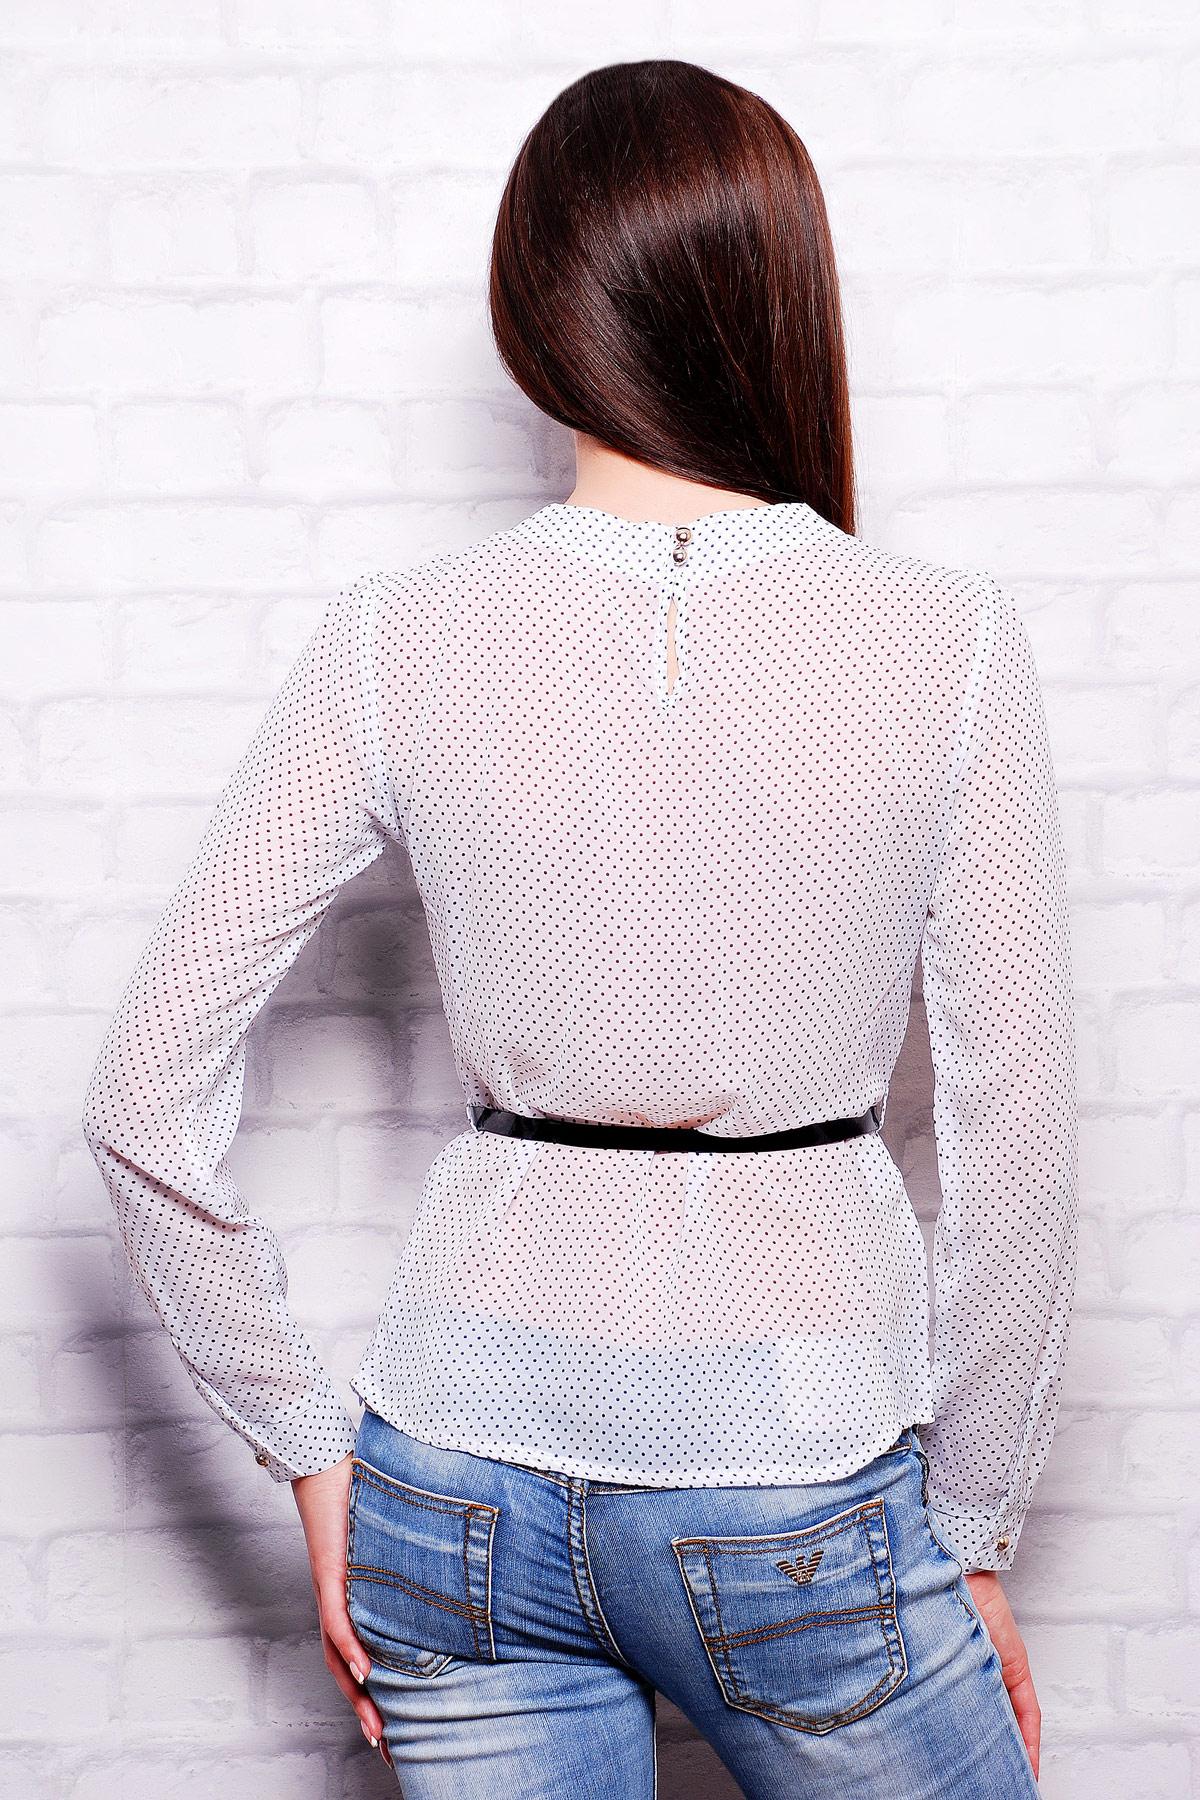 5baca9102f3 Женская шифоновая блузка с ажурным узором. блуза Энни д р. Цвет  белый ...